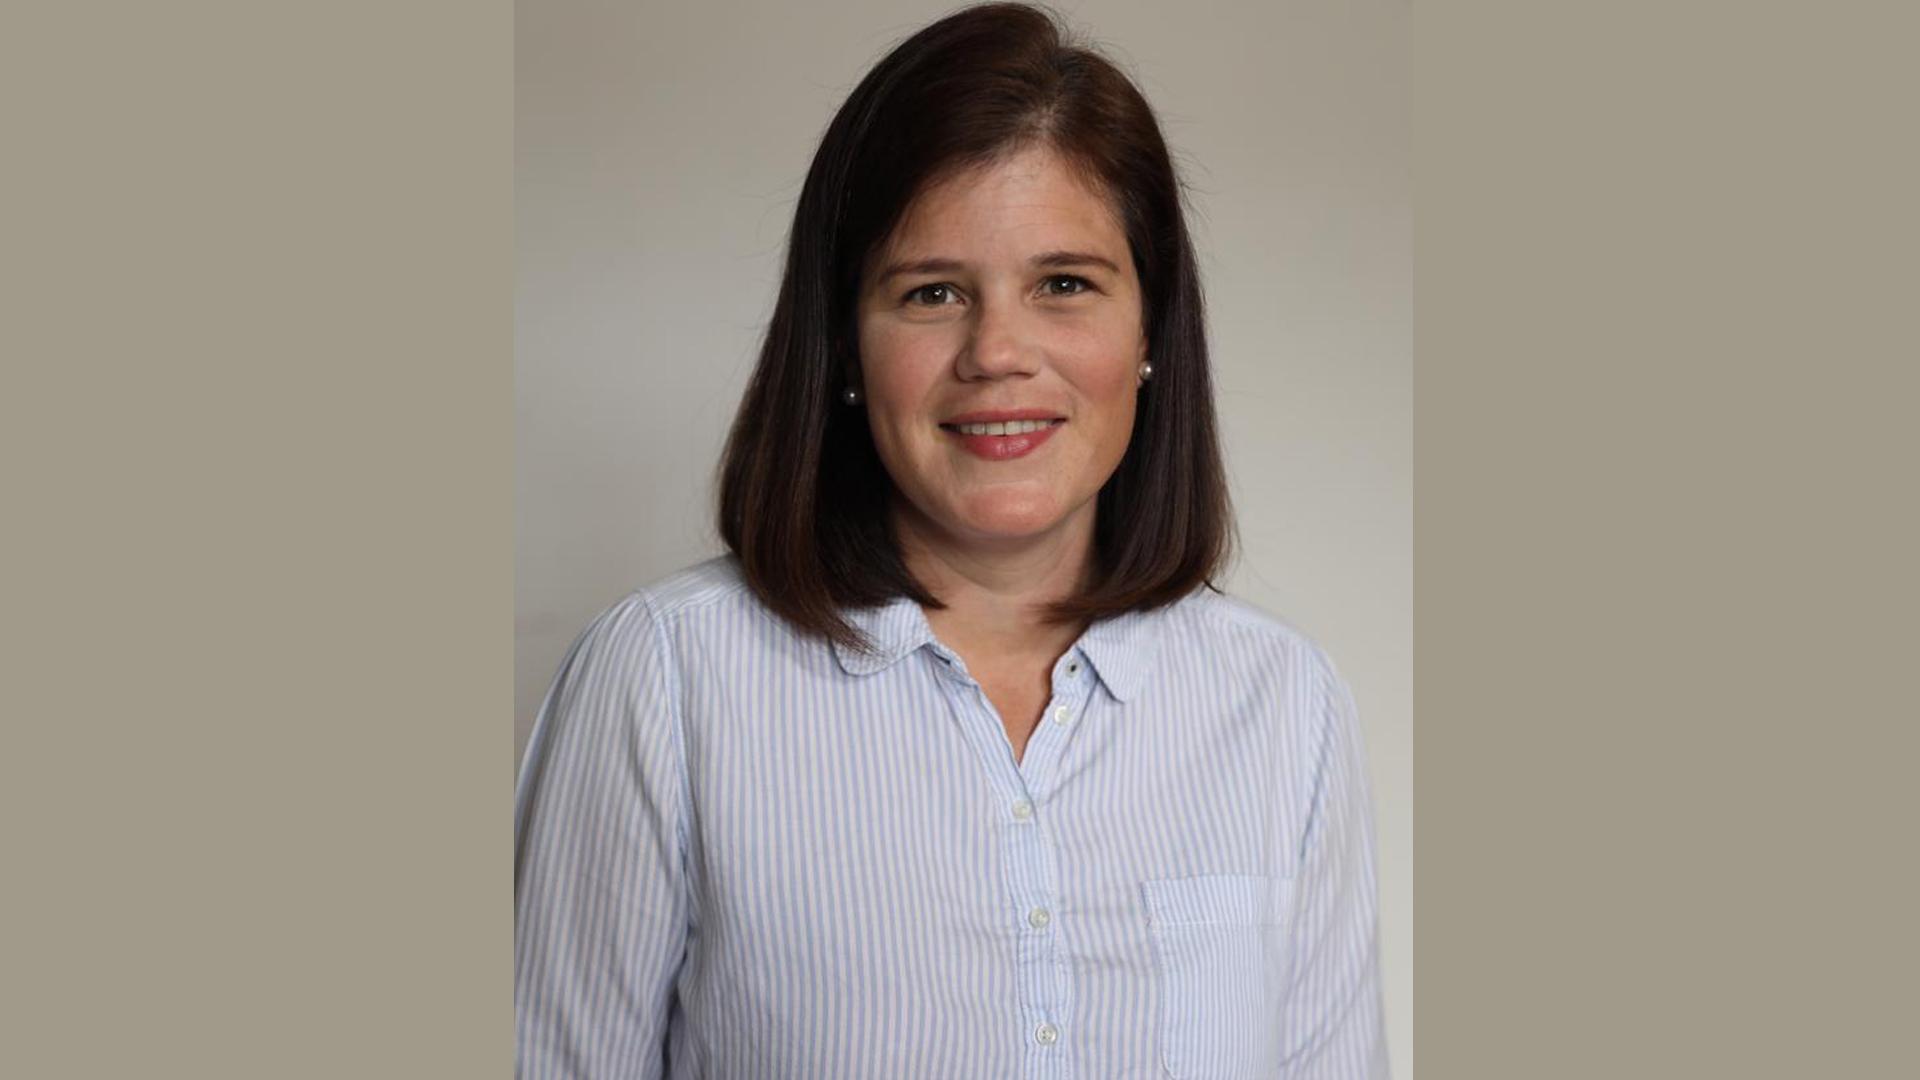 Paola Bautista de Alemán: Unidad de propósito es clave para la transformación democrática